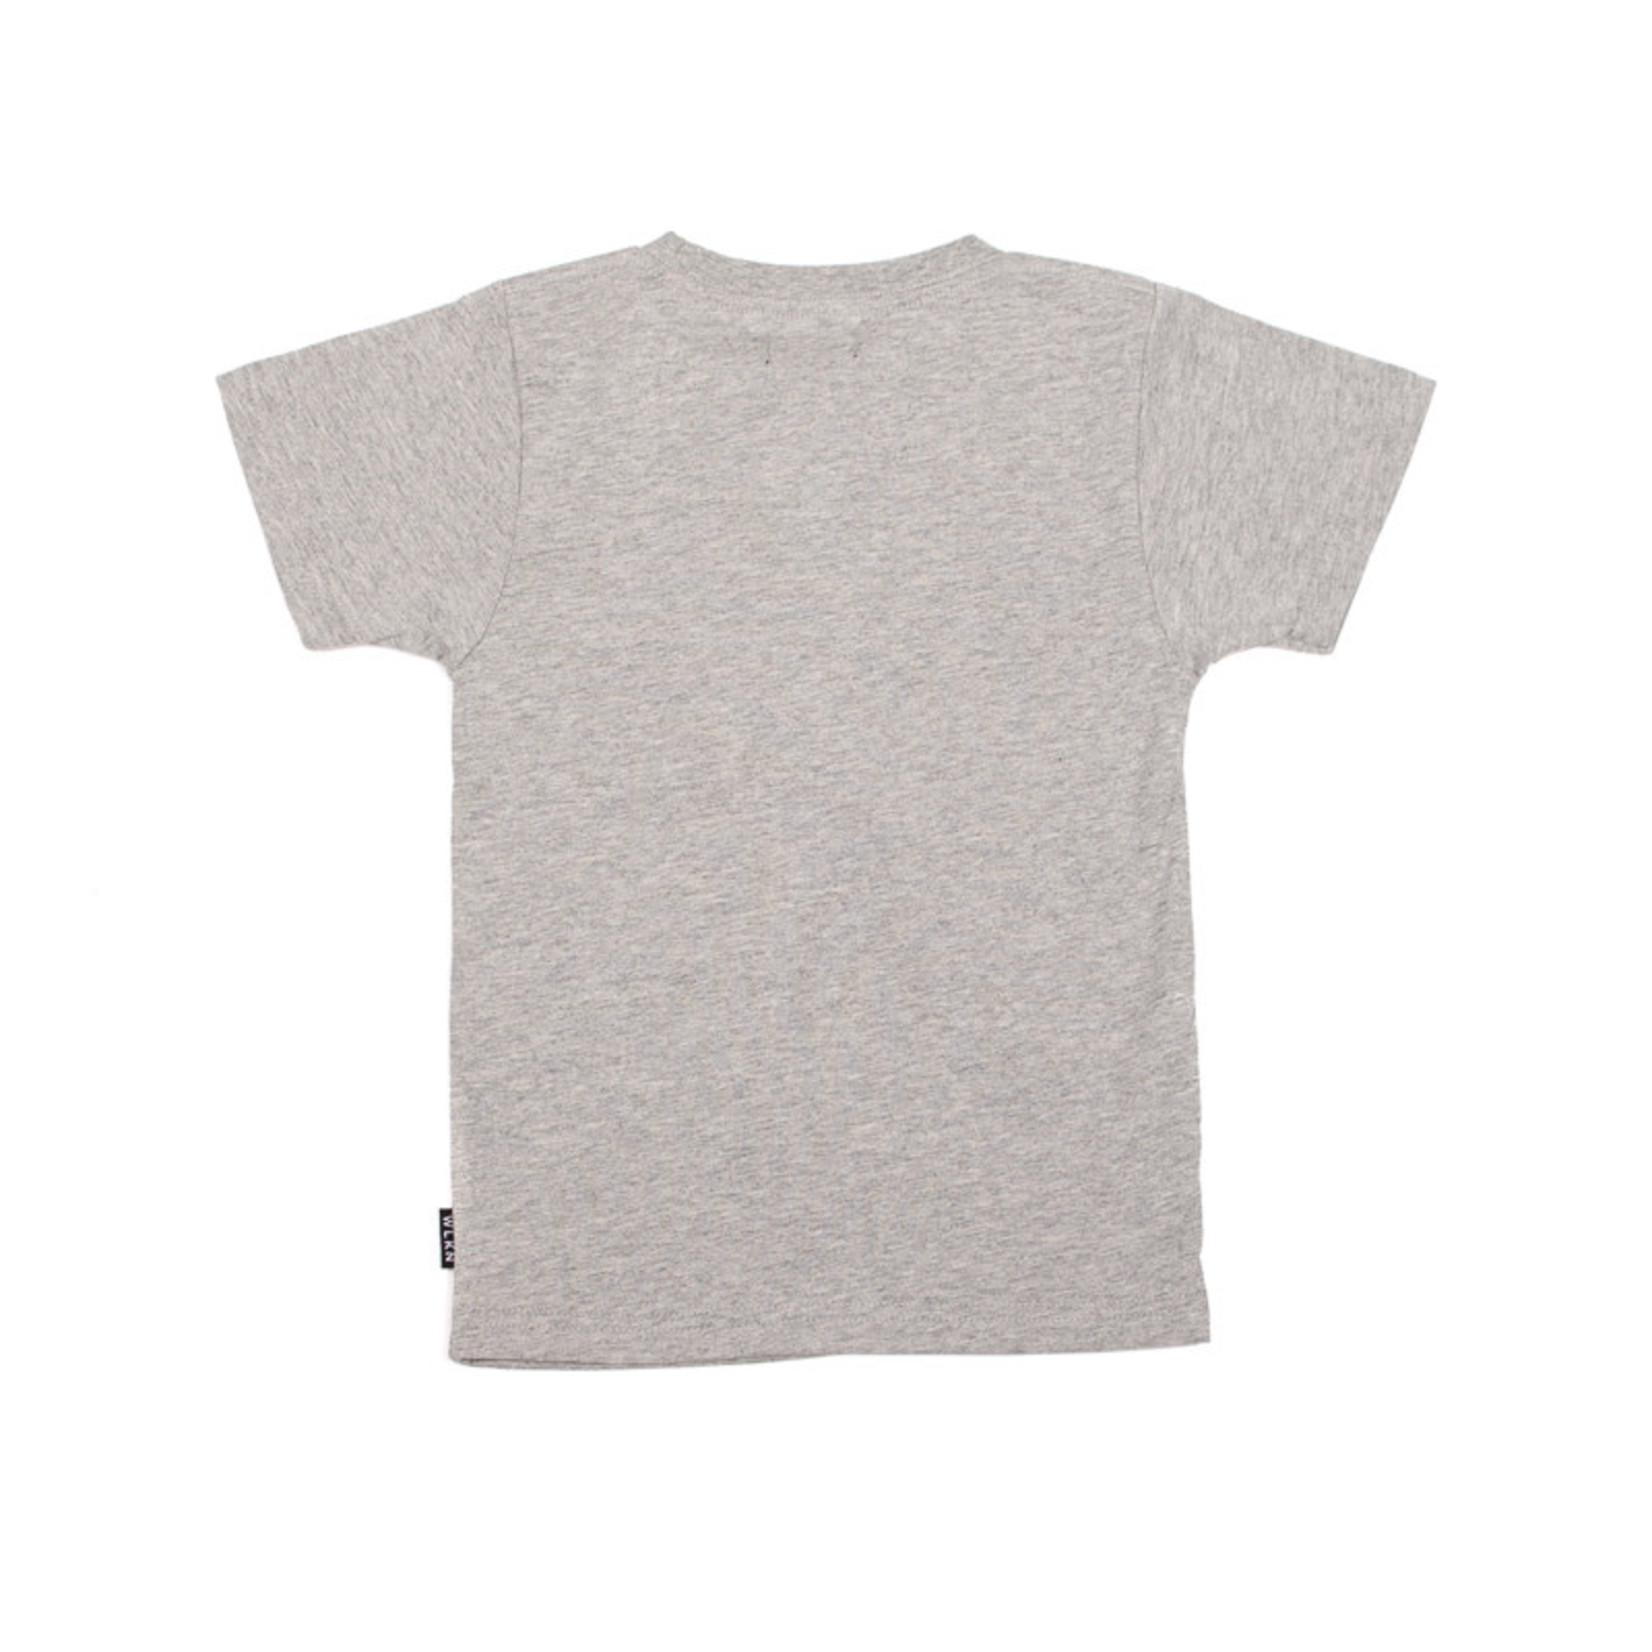 WLKN WLKN : Junior Nova T-Shirt